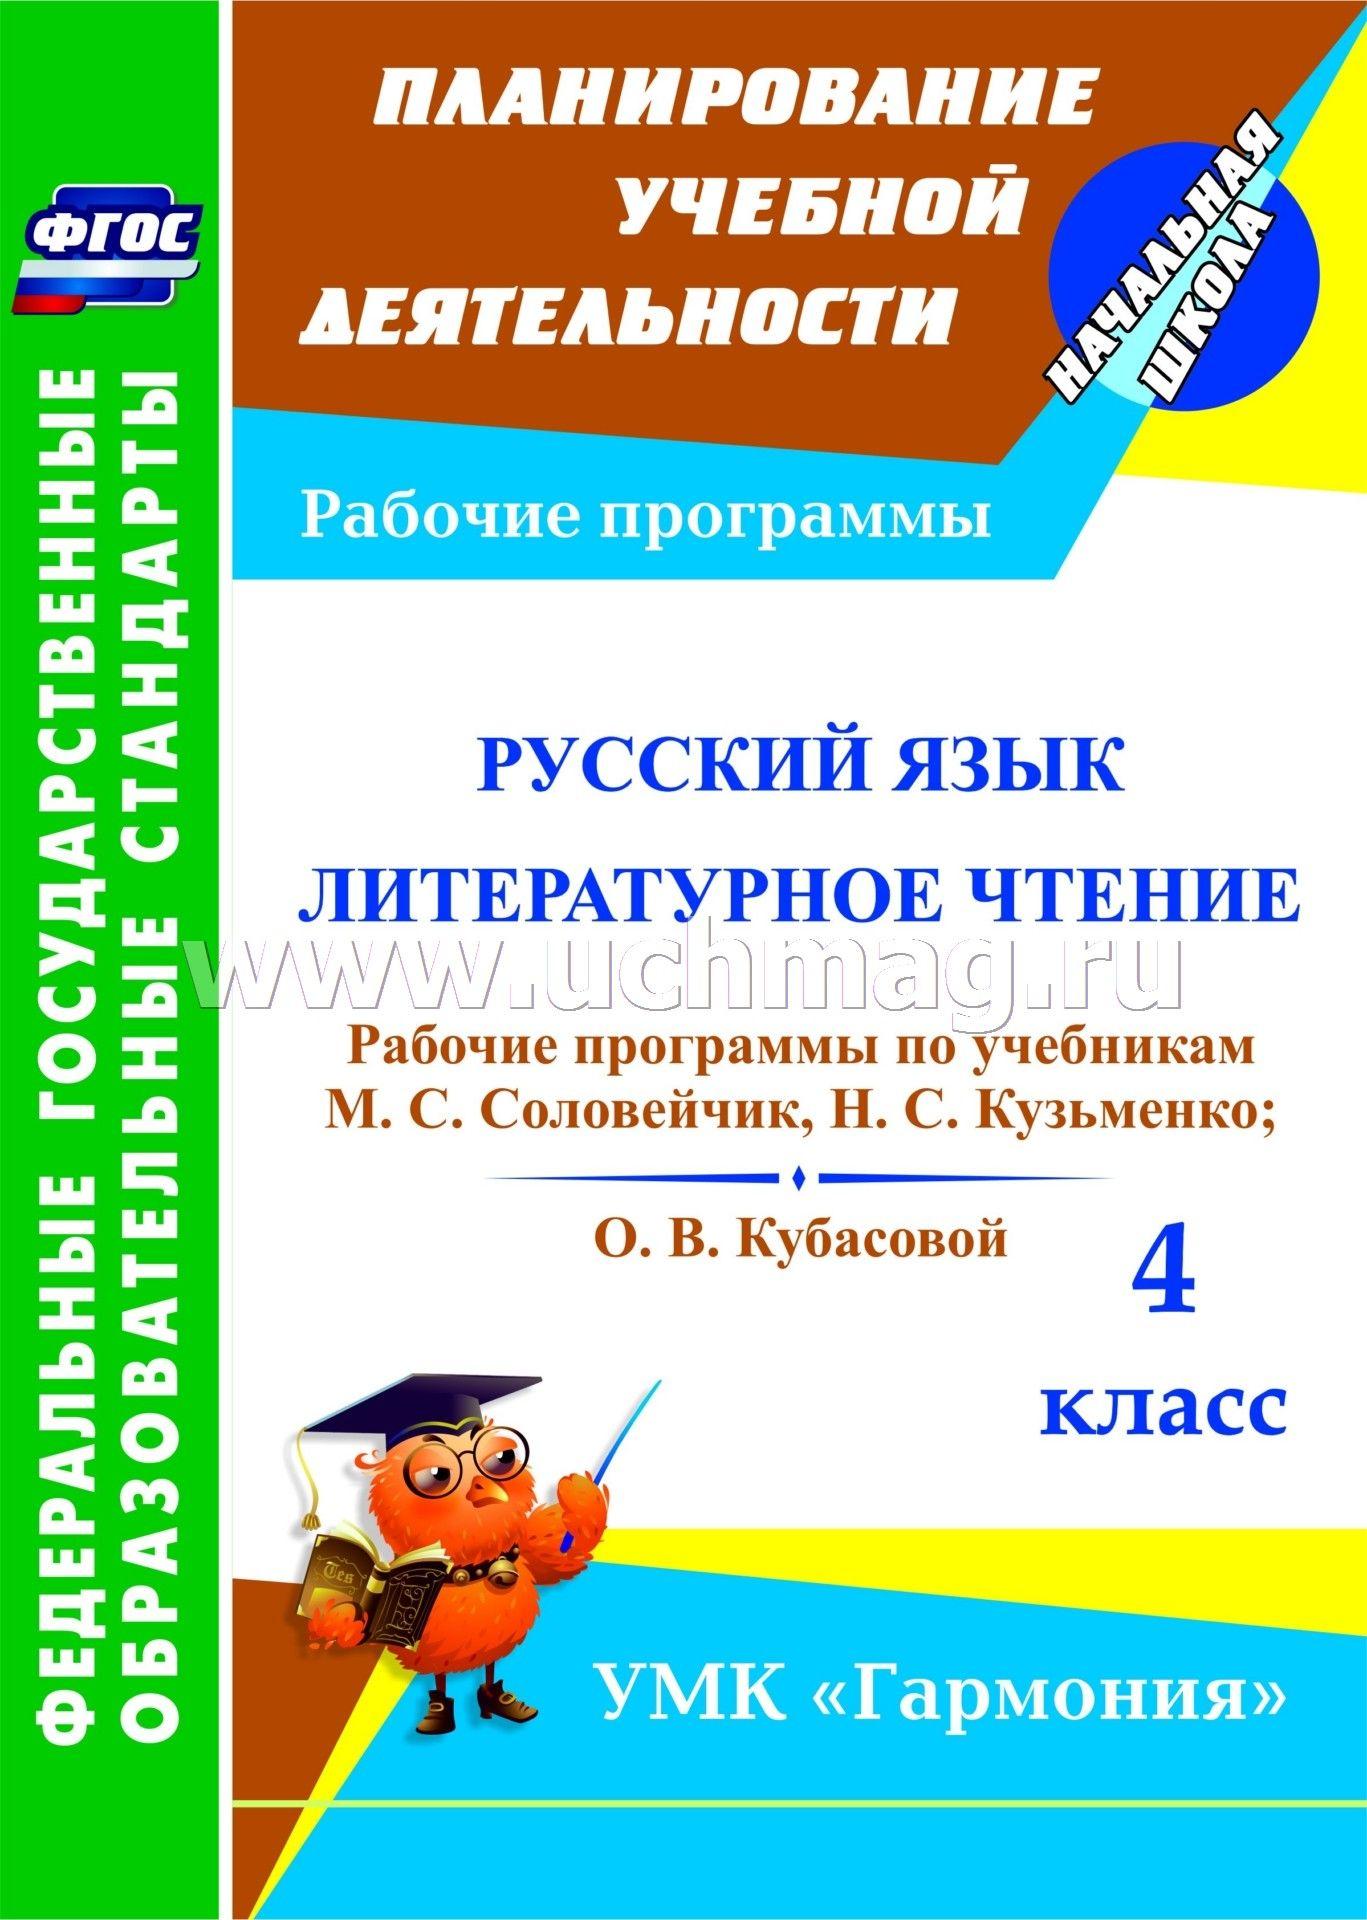 Календарно тематическое планирование уроков русского языка в 4 классе по соловейчик